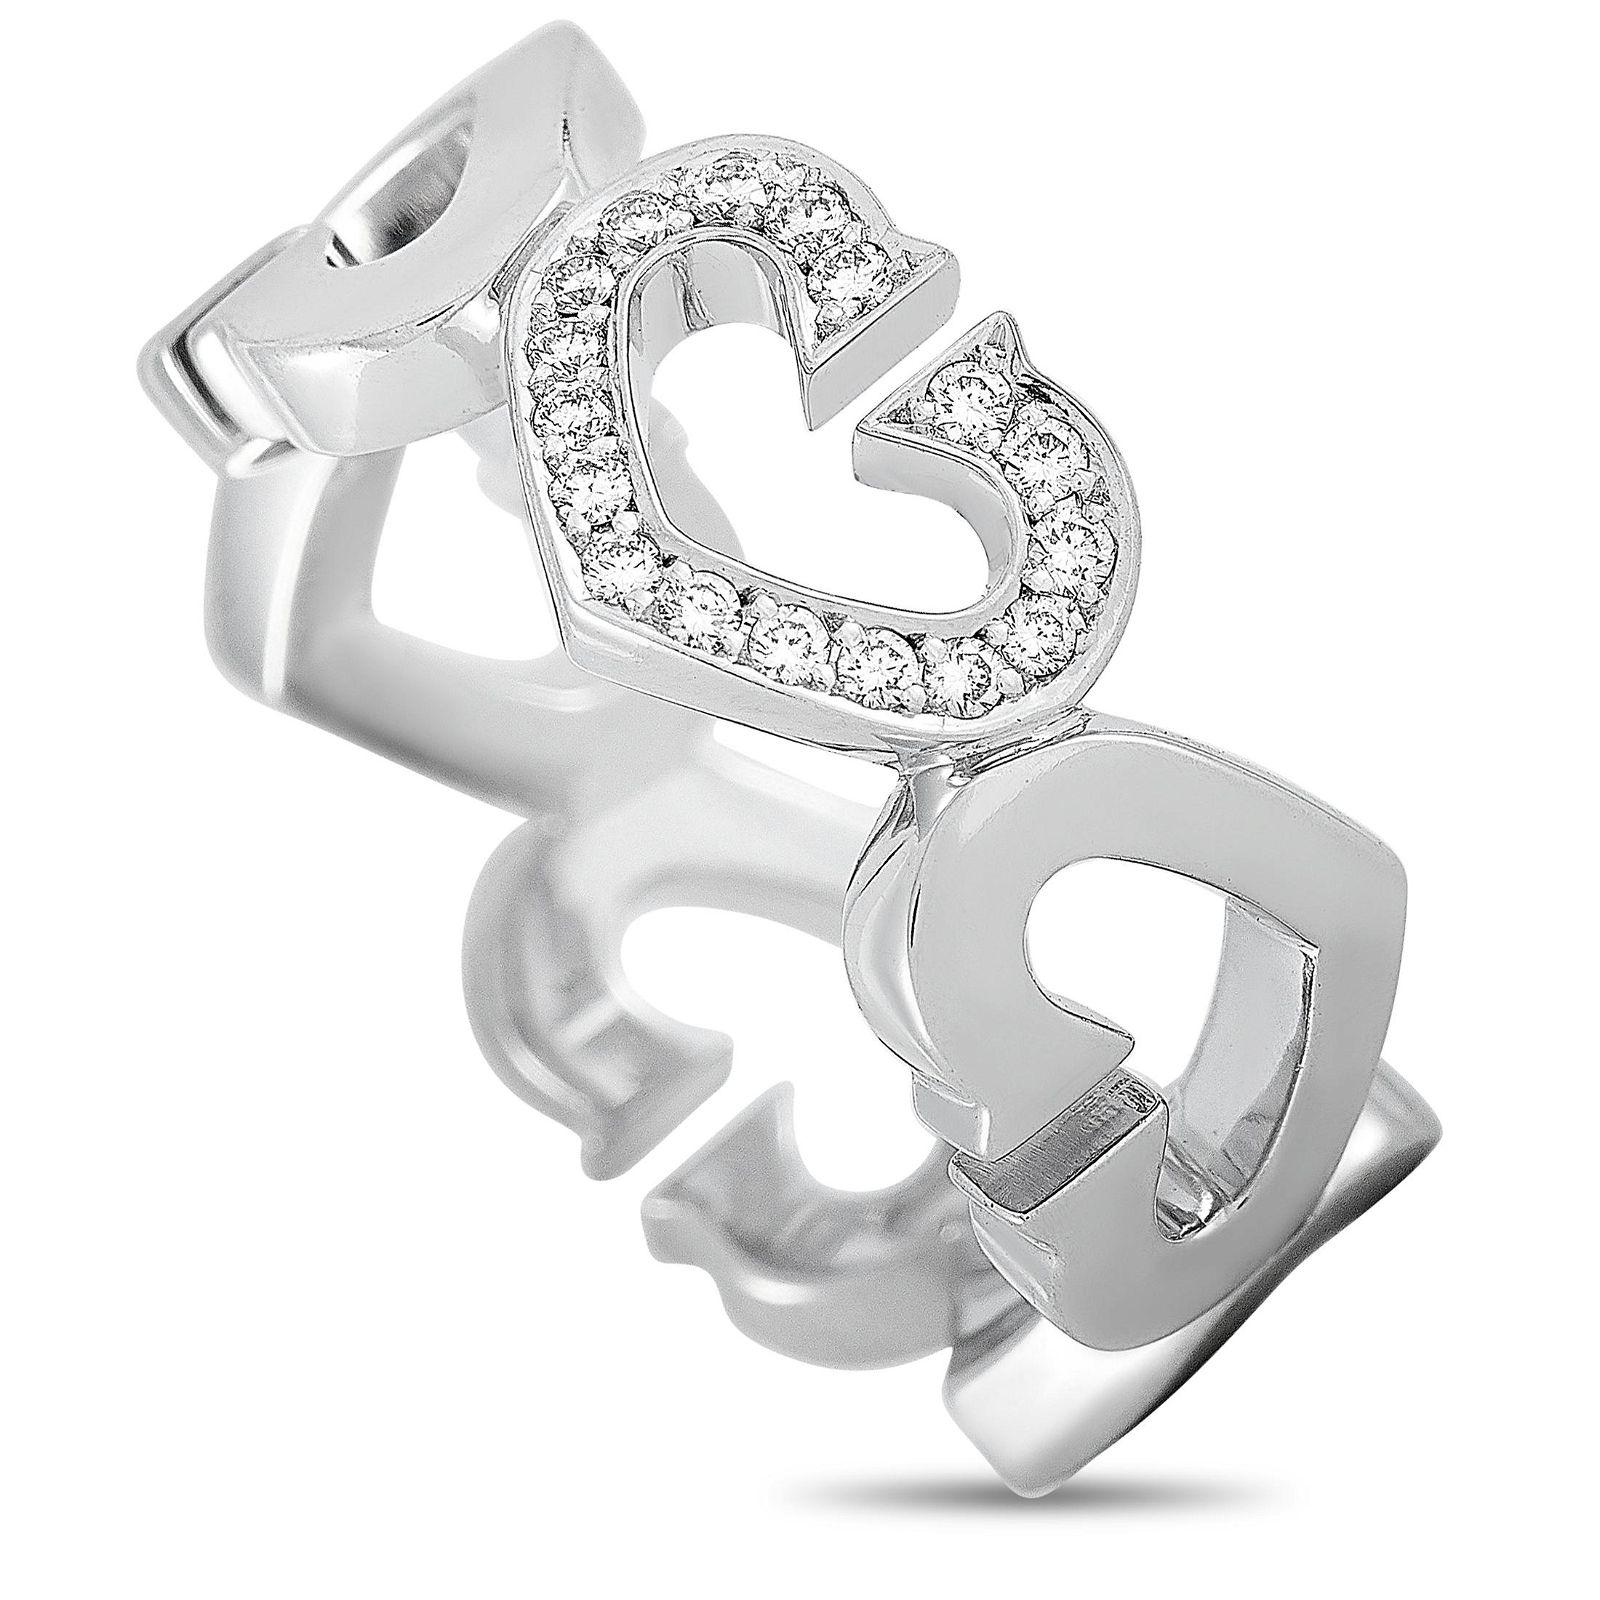 Cartier 18K WG Diamond Heart Ring Size 5.0